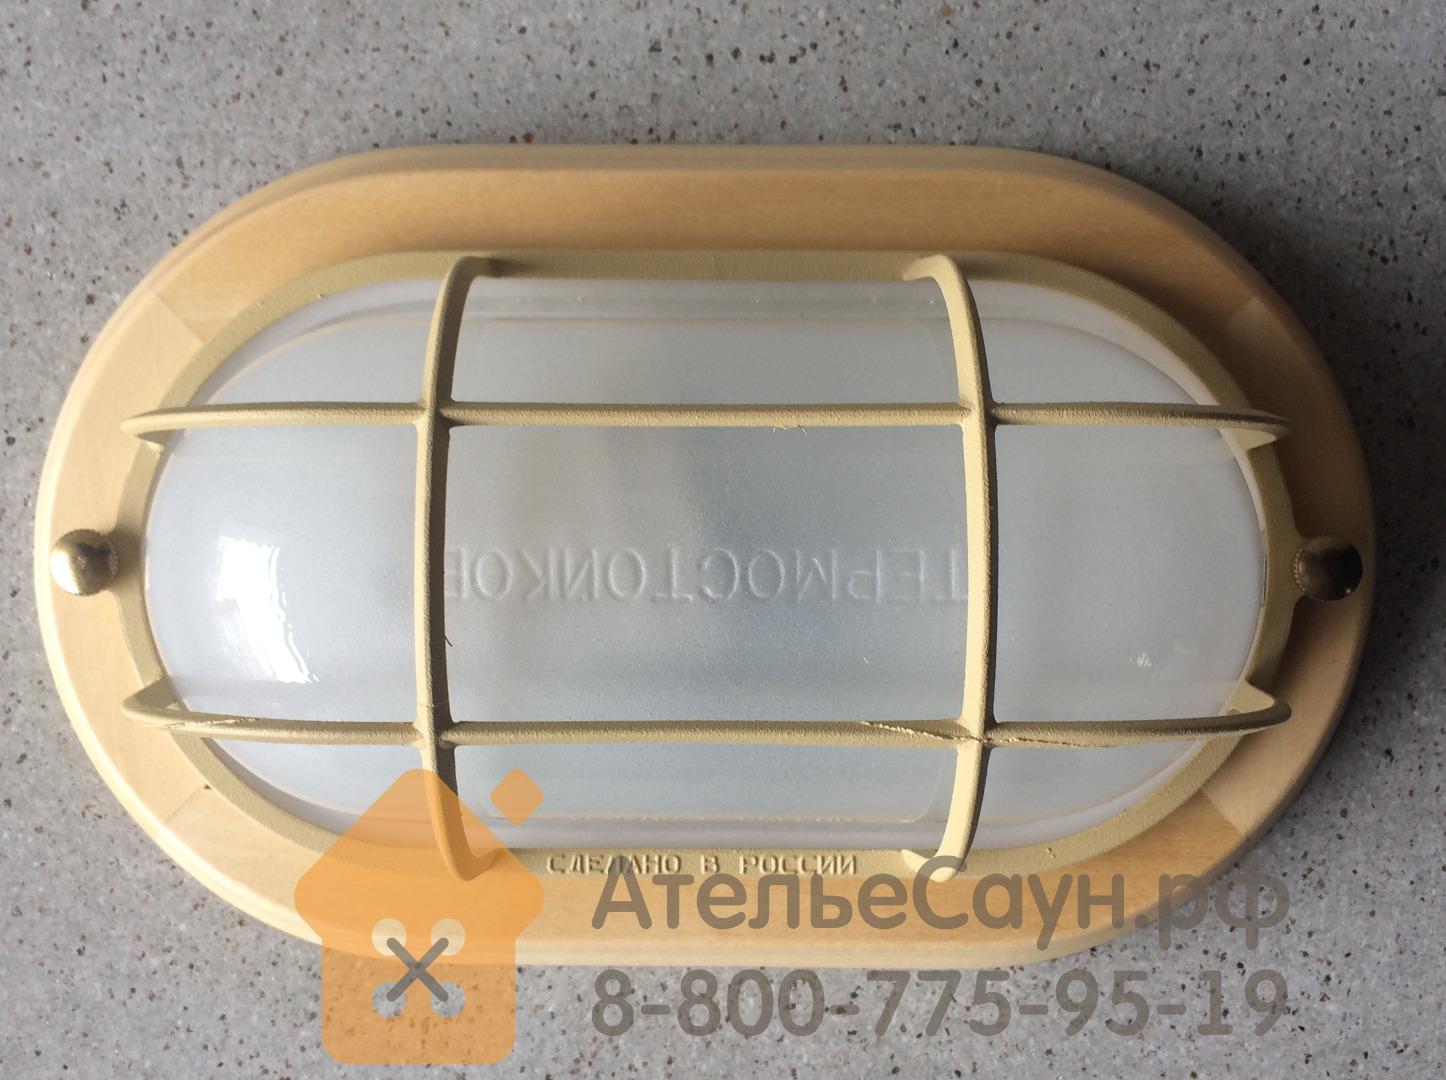 Светильник для бани ТЕРМА 3 1402 с решеткой (овальный, деревянный, до +120 С, IP65, арт. НББ 03-60-022)